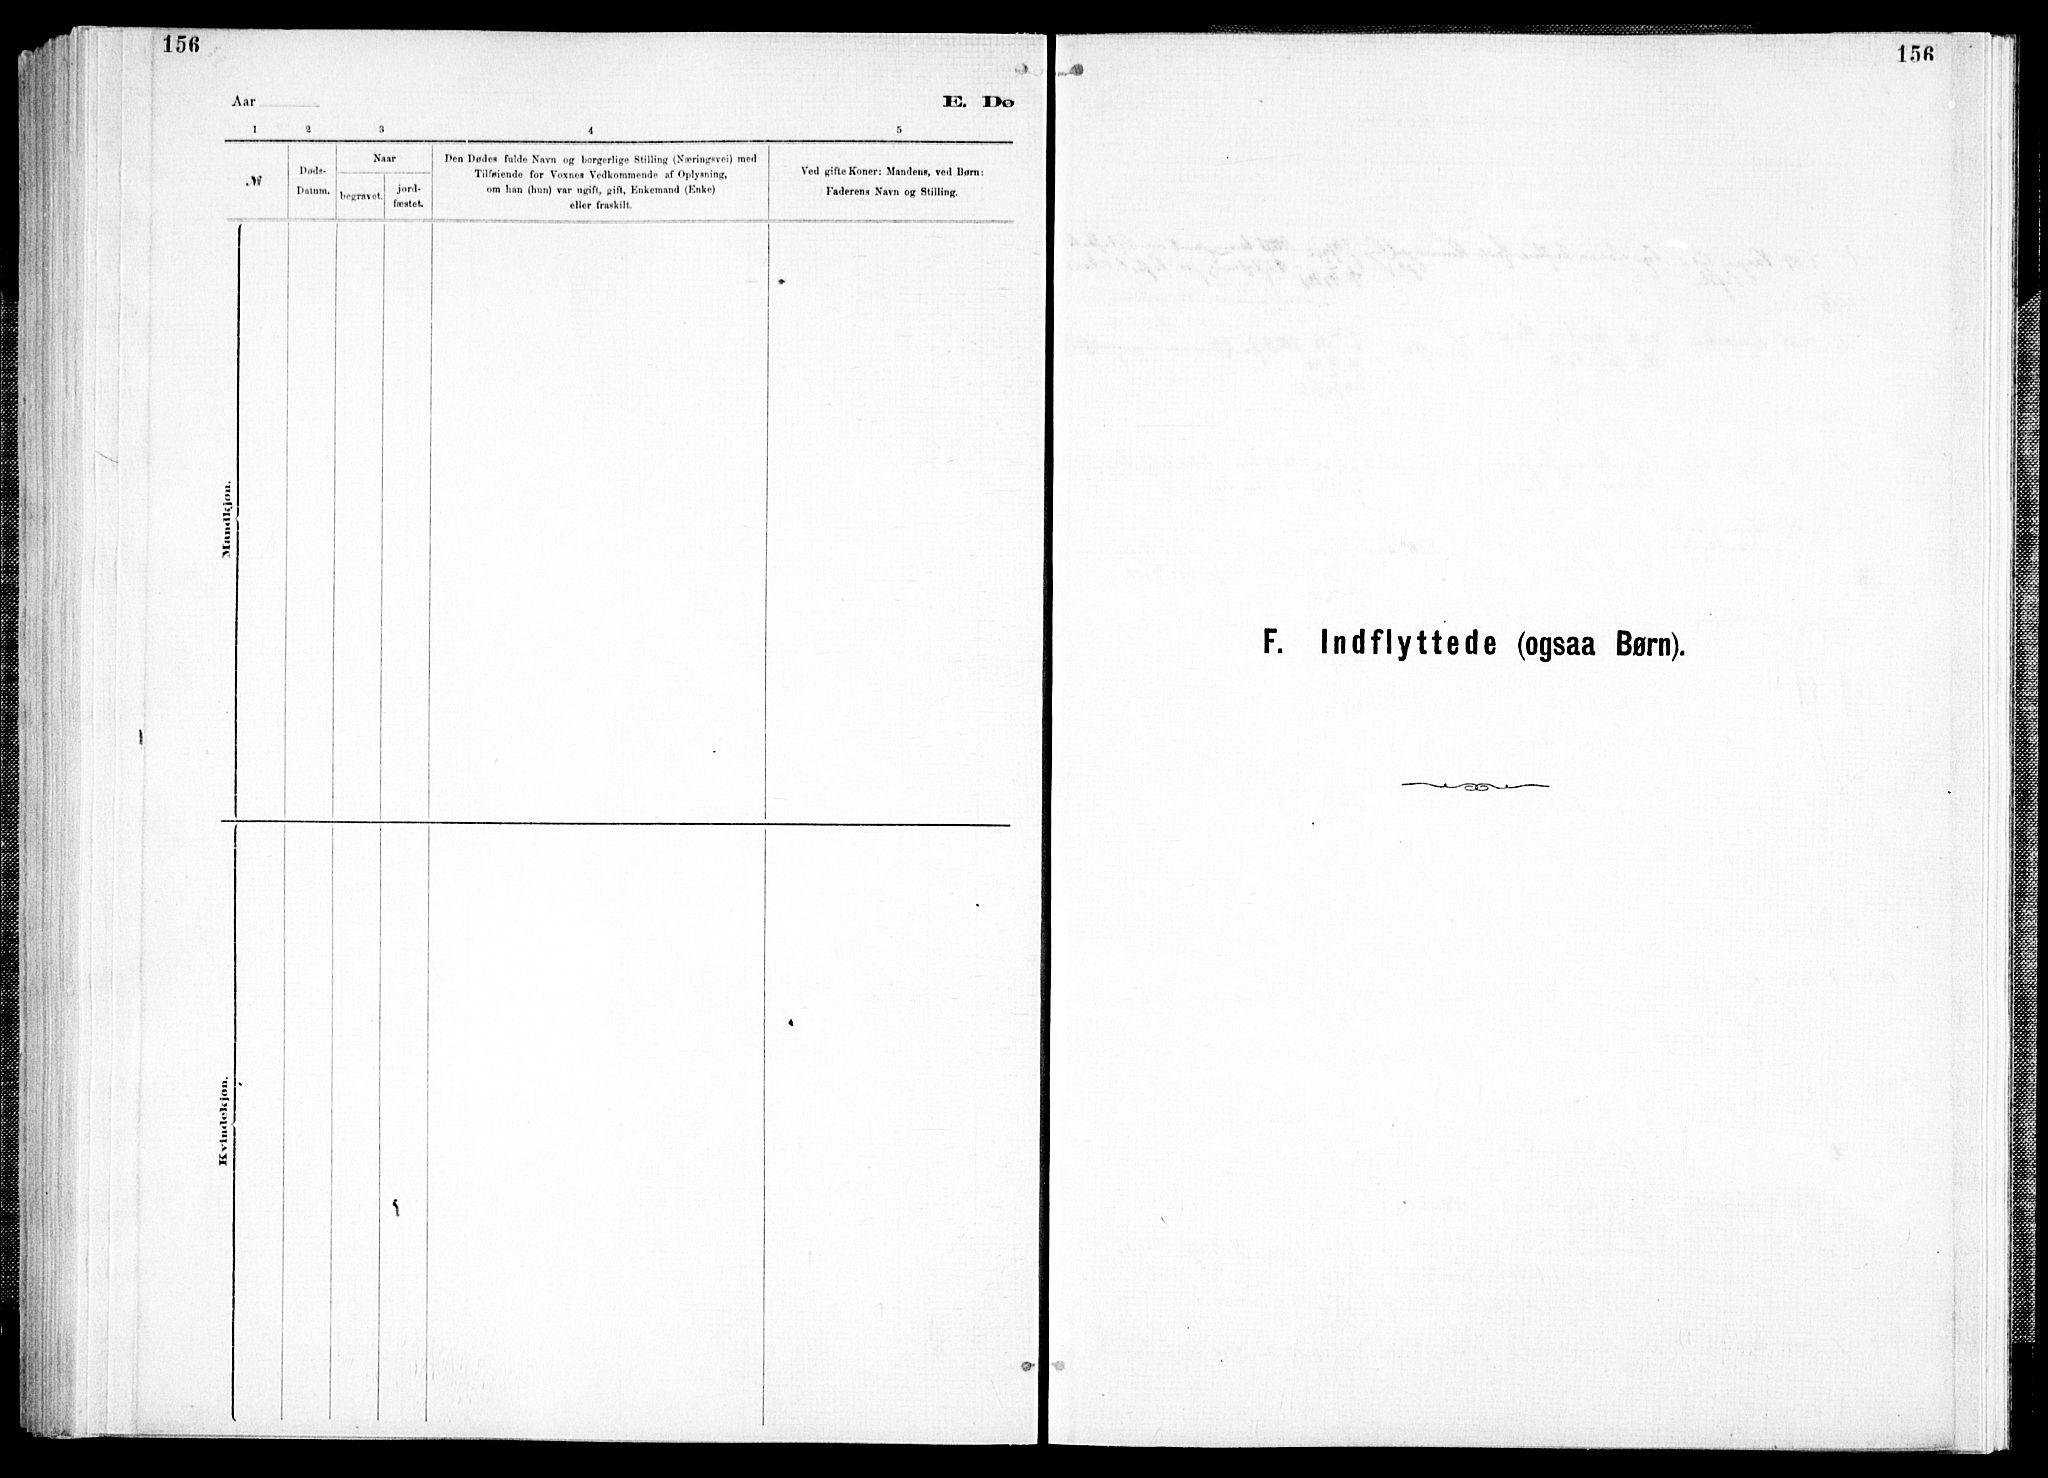 SAT, Ministerialprotokoller, klokkerbøker og fødselsregistre - Nord-Trøndelag, 733/L0325: Ministerialbok nr. 733A04, 1884-1908, s. 156